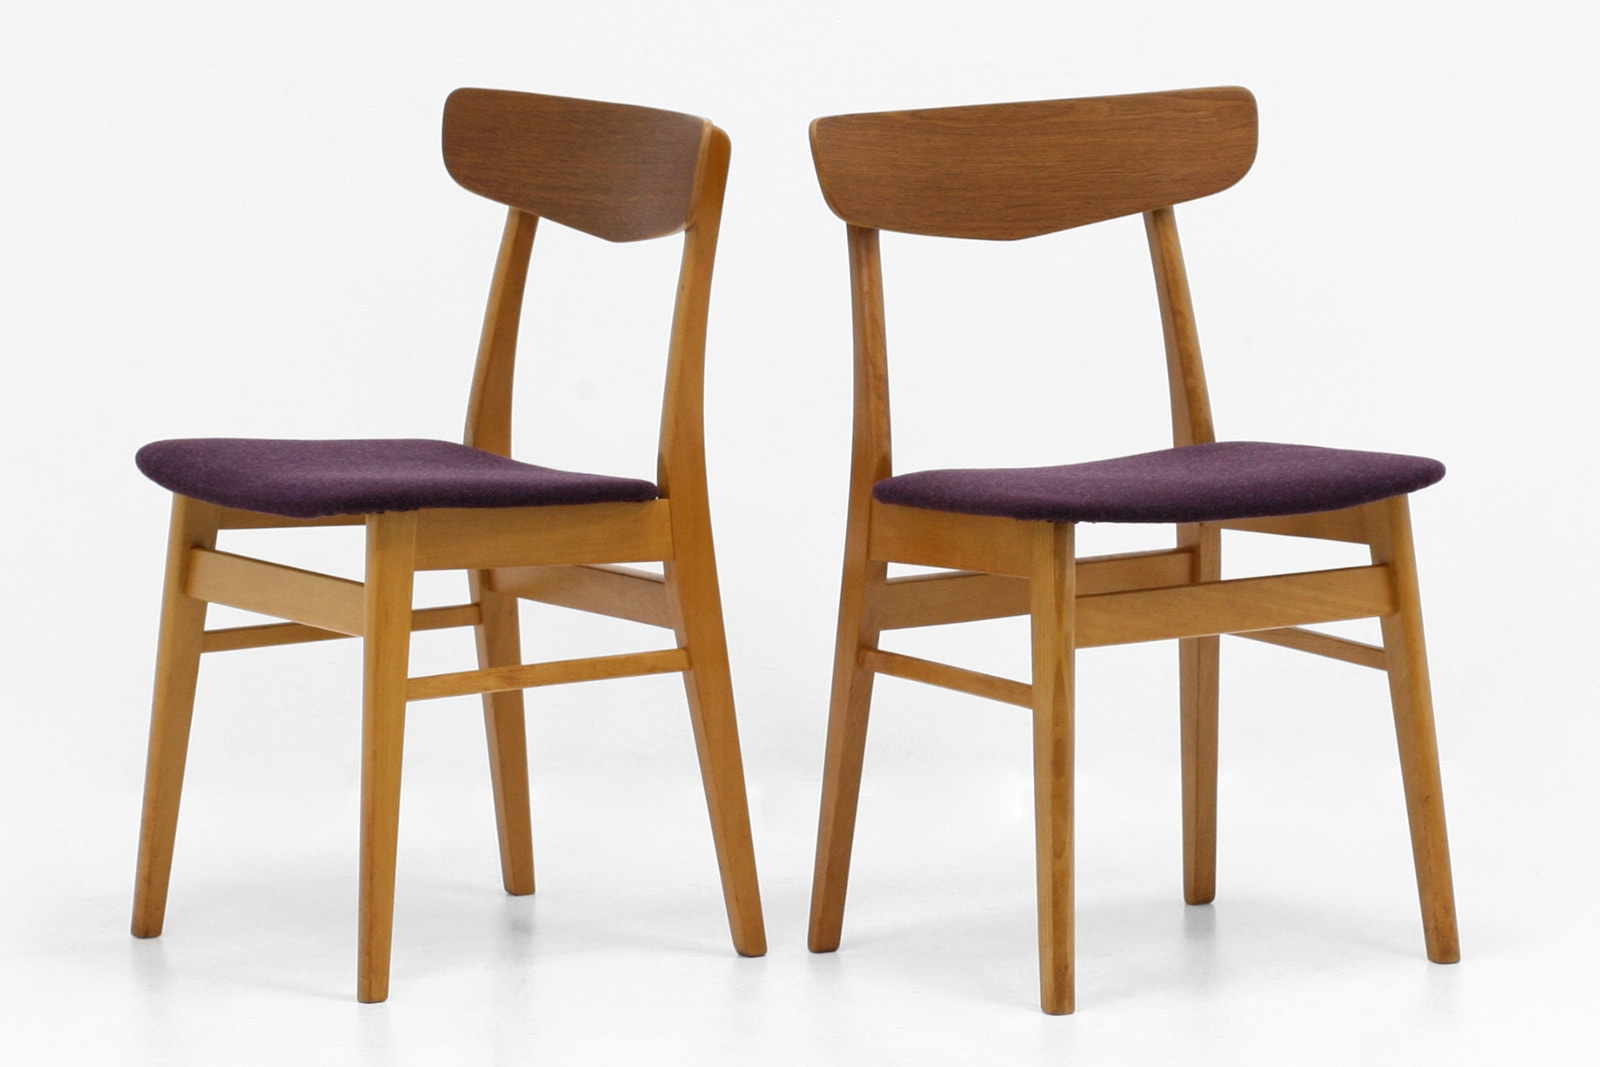 北欧,ヴィンテージ,家具,ダイニングチェア,2脚,セット,紫